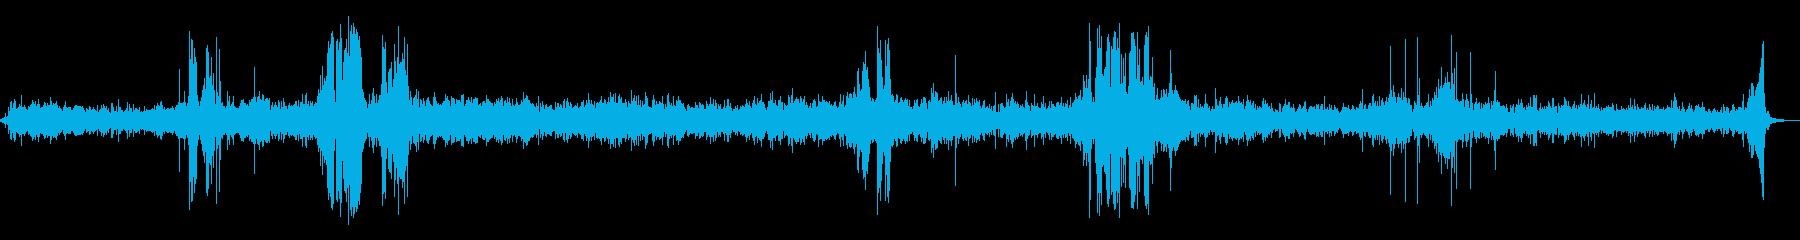 ヒューズシズル、フレア、バーンその...の再生済みの波形